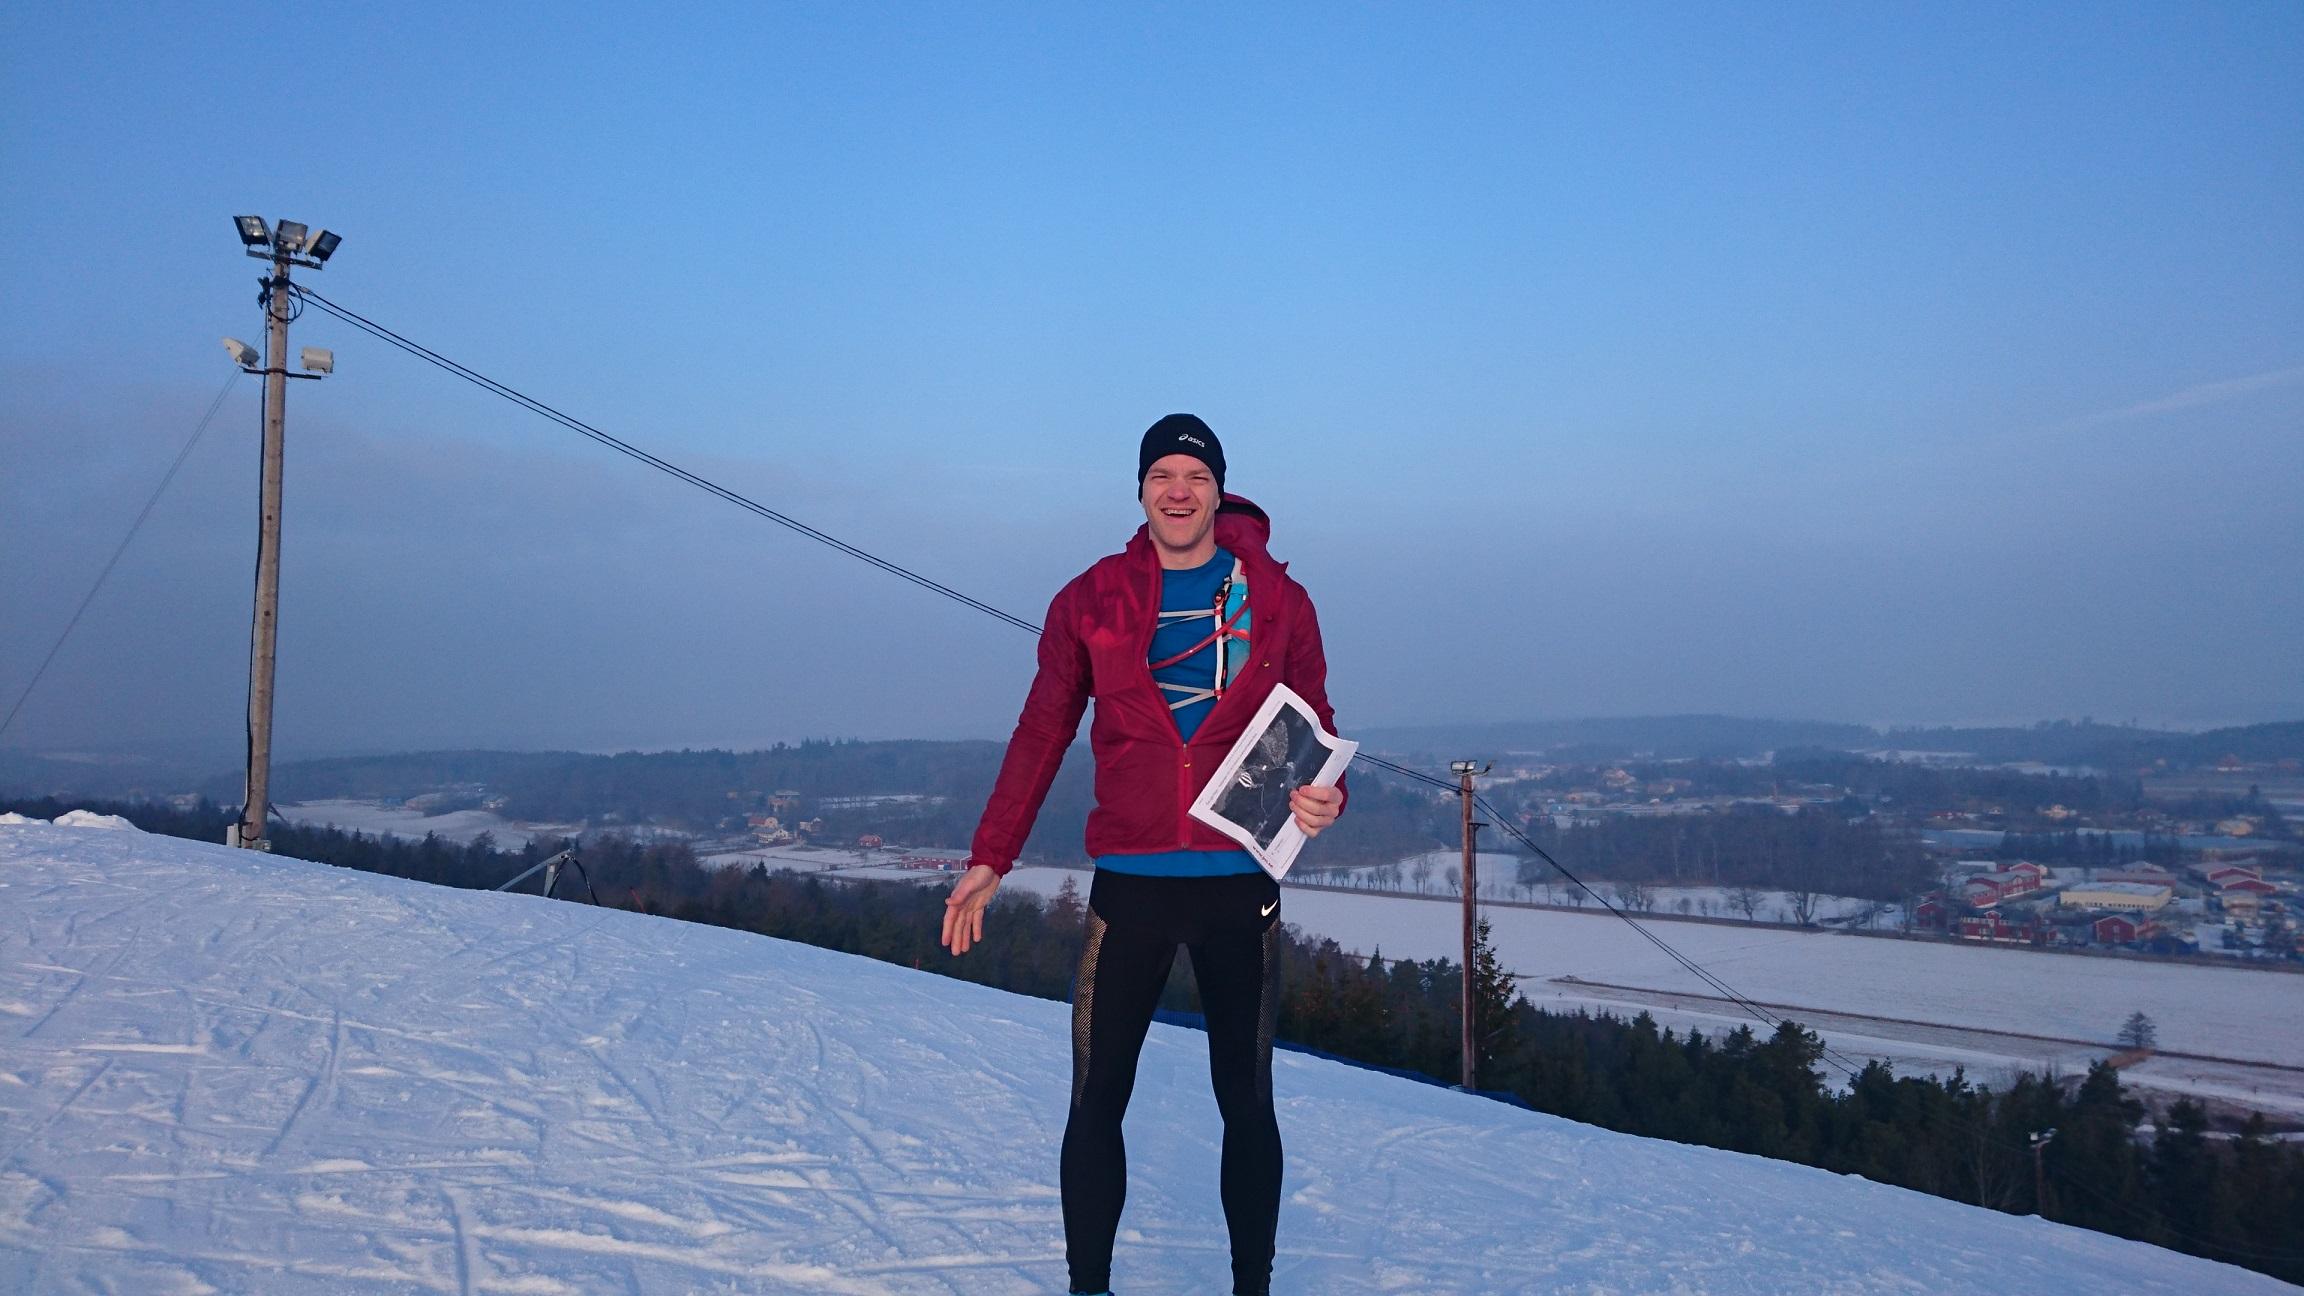 Jag gav mig på banrekordet på Urban 7 Summits. Dvs springa på tid mellan Ssju toppar i Stockholm. Det var väl typ 70 km eller något. Föll dock på navigeringen den sista biten. Jag var iofs trött också. Men det går att ta nästa år.